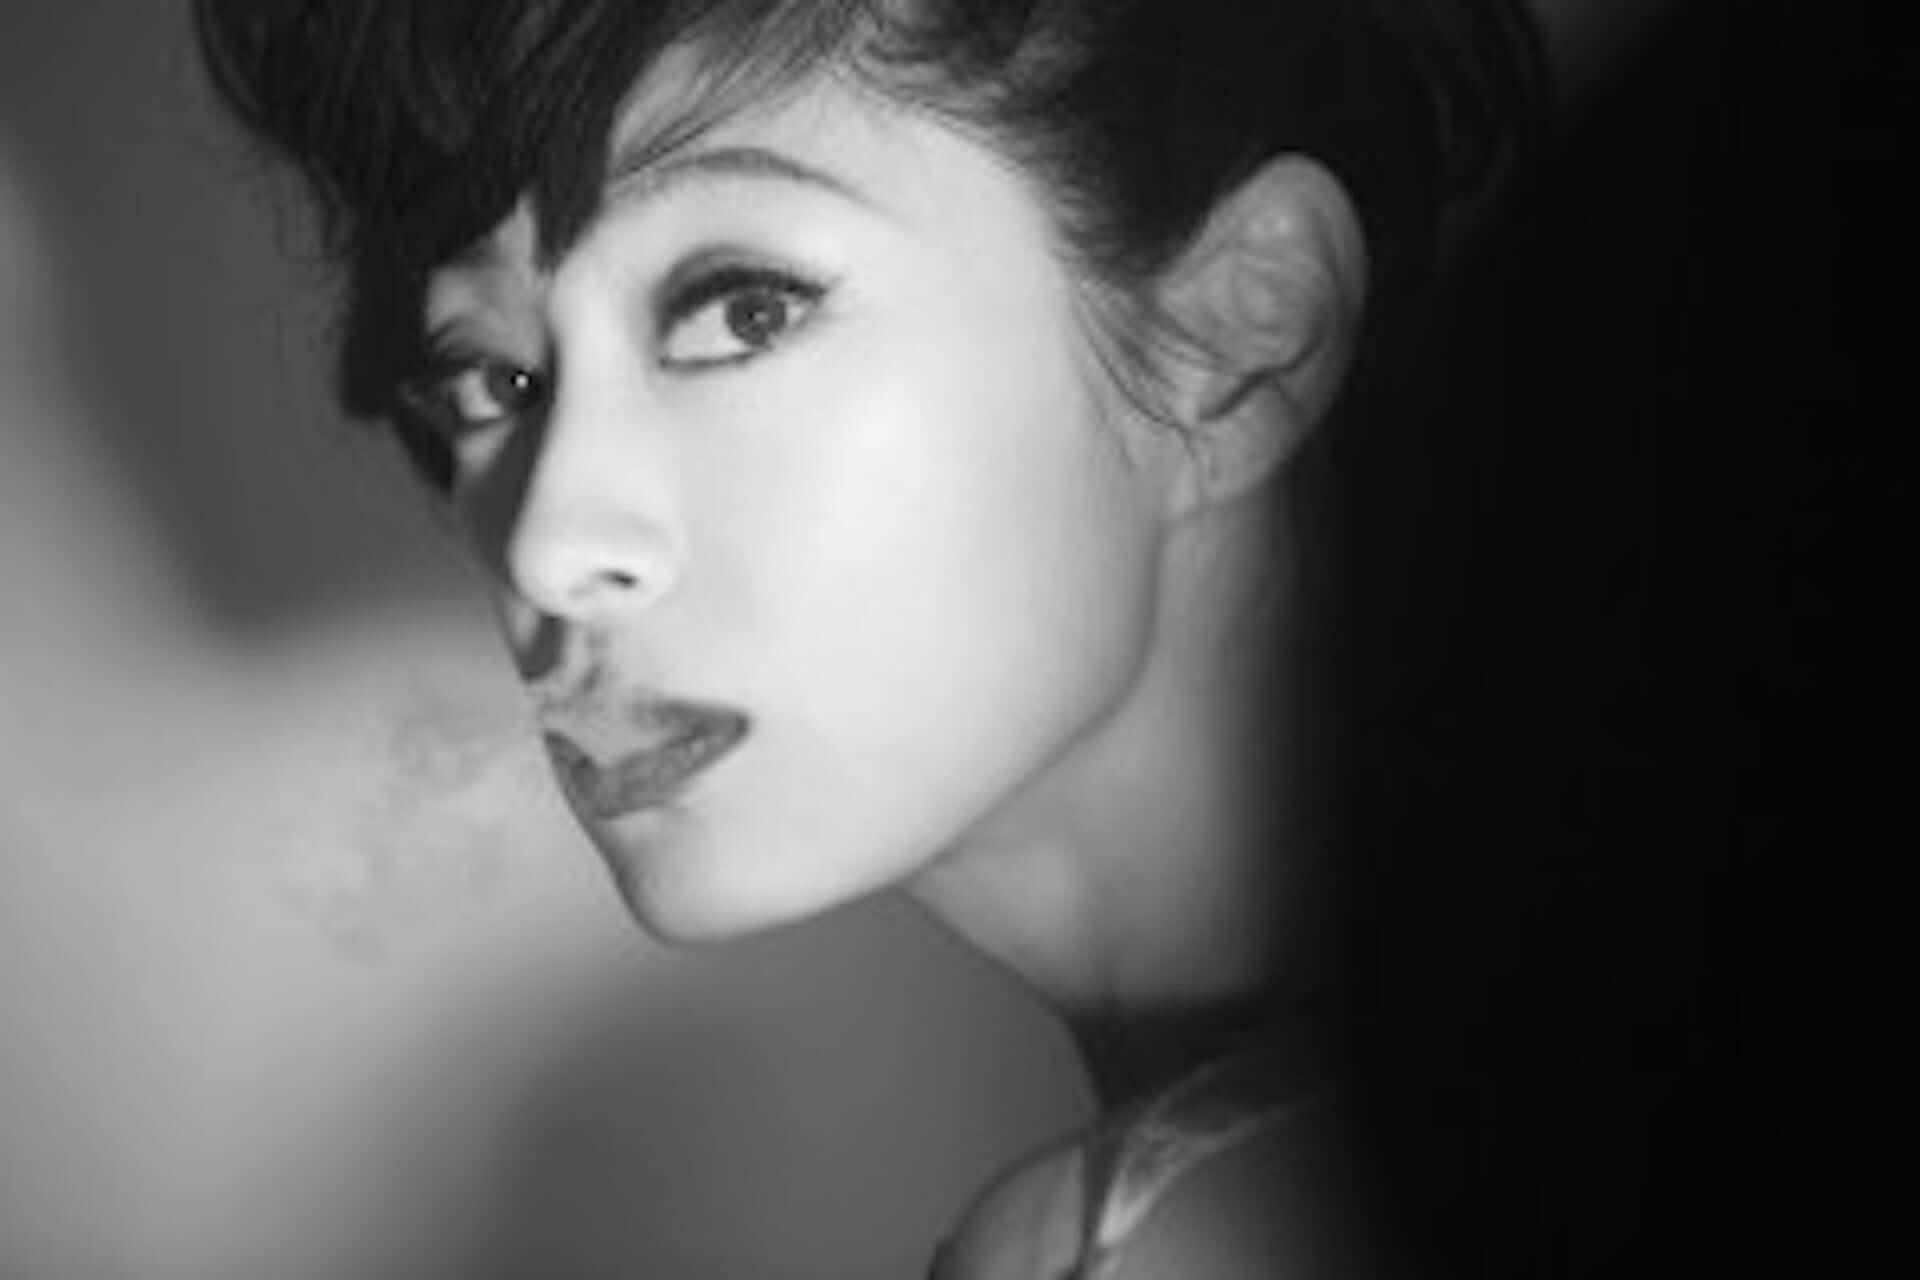 フェス<Warehouse project>のAphex Twinキュレート枠に日本人女性アーティスト・Kyokaの出演が決定 music190628kyoka_5-1920x1280